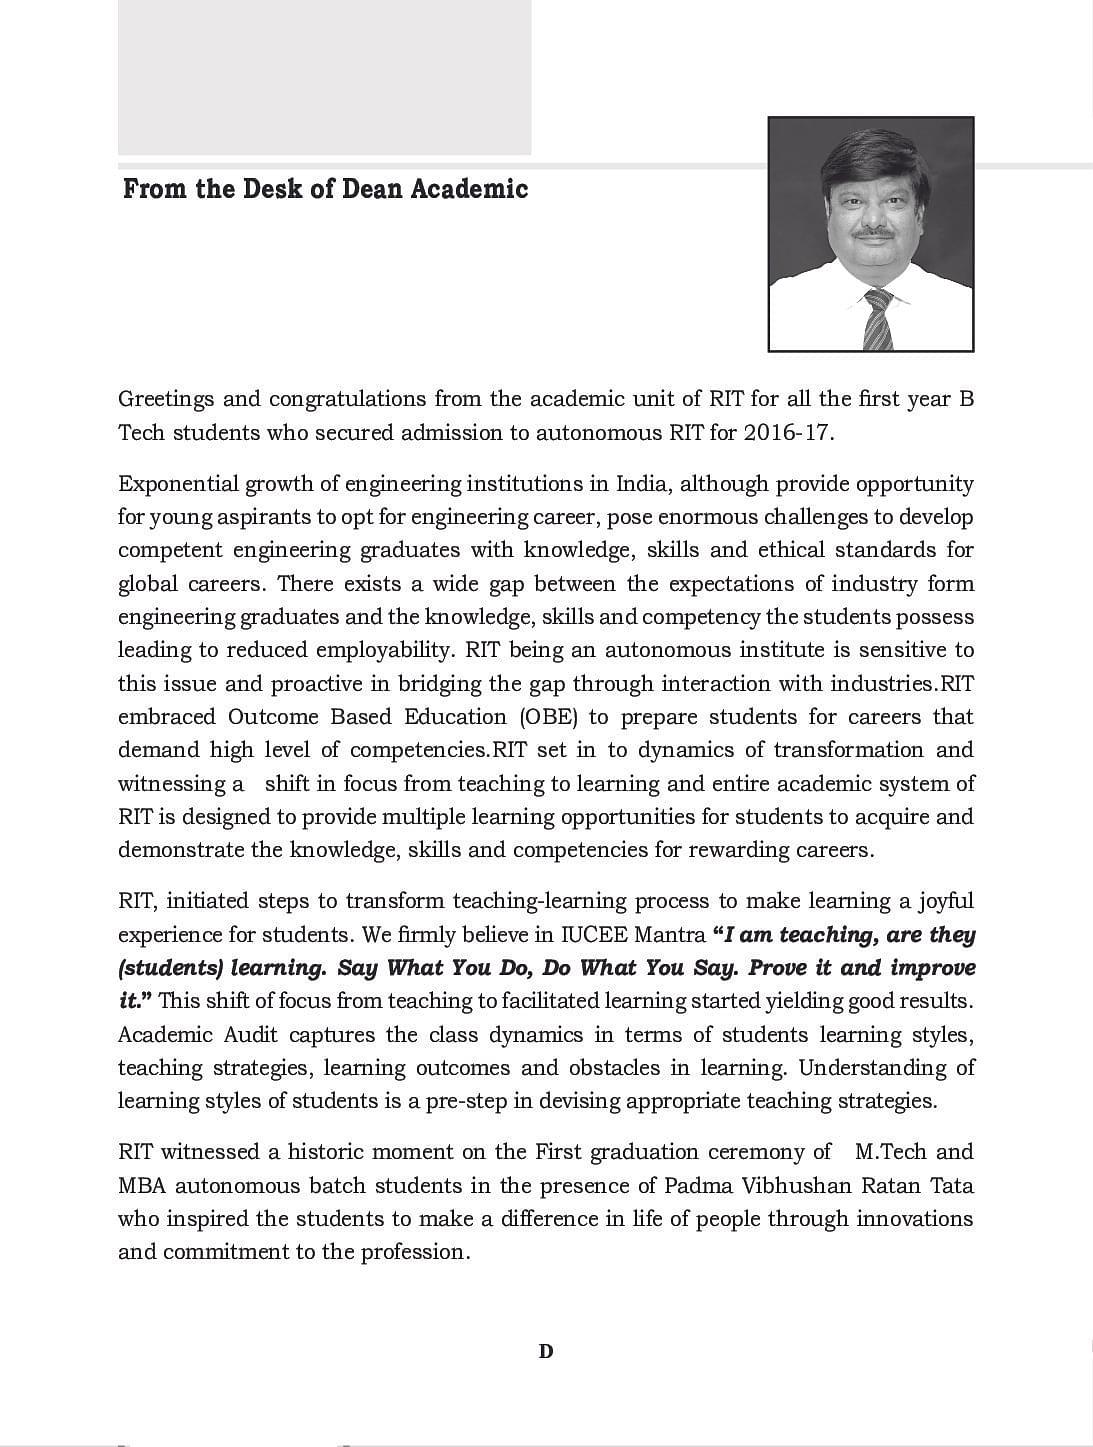 rit admissions essay